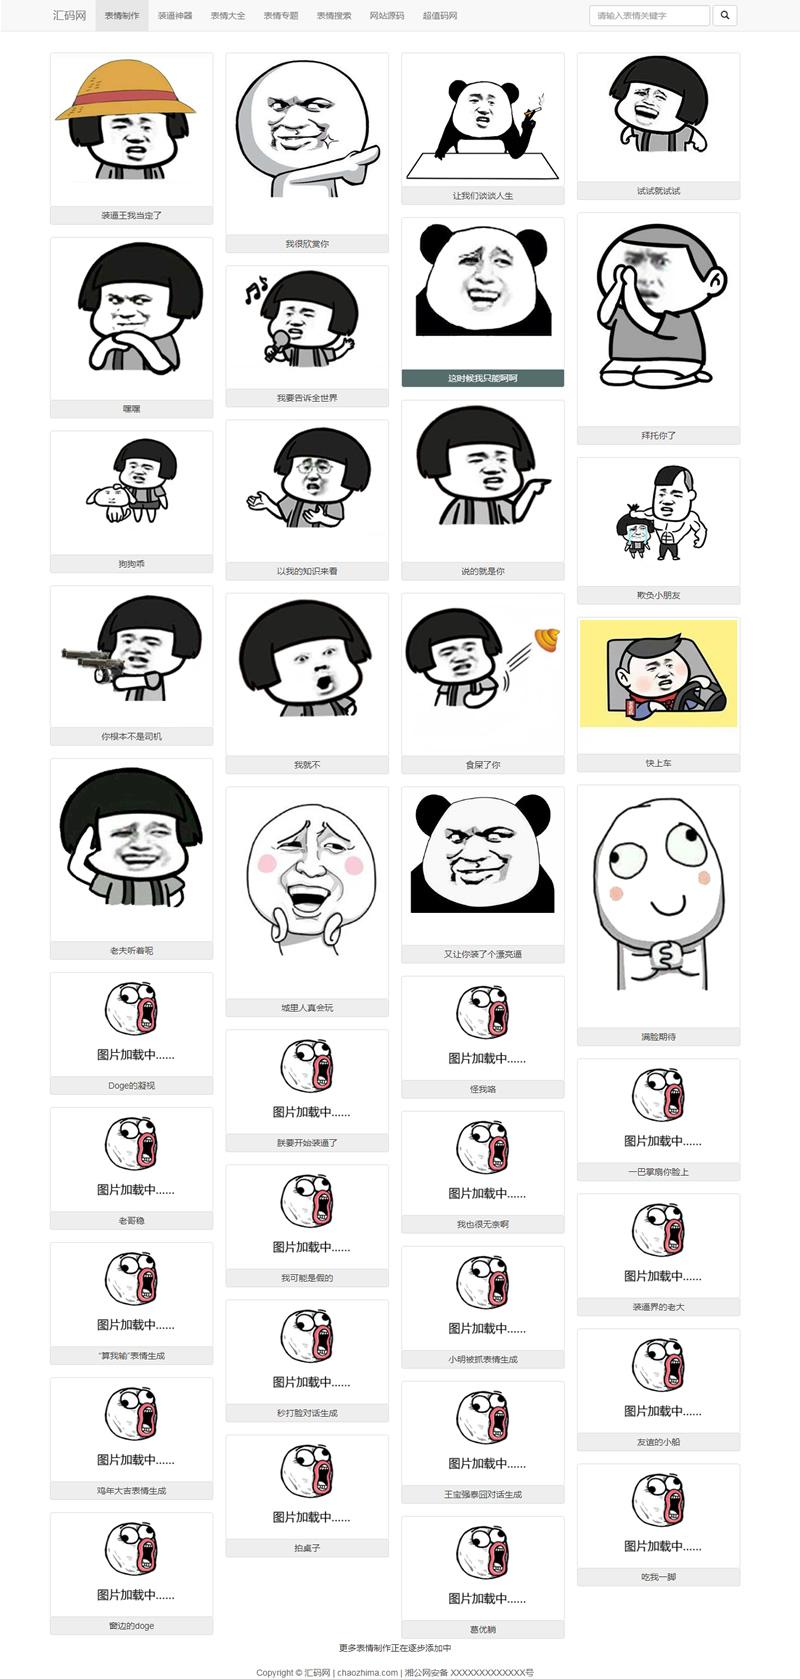 自适应支持手机浏览,图片表情制作,QQ斗图生成,搜狗图片搜索 第1张